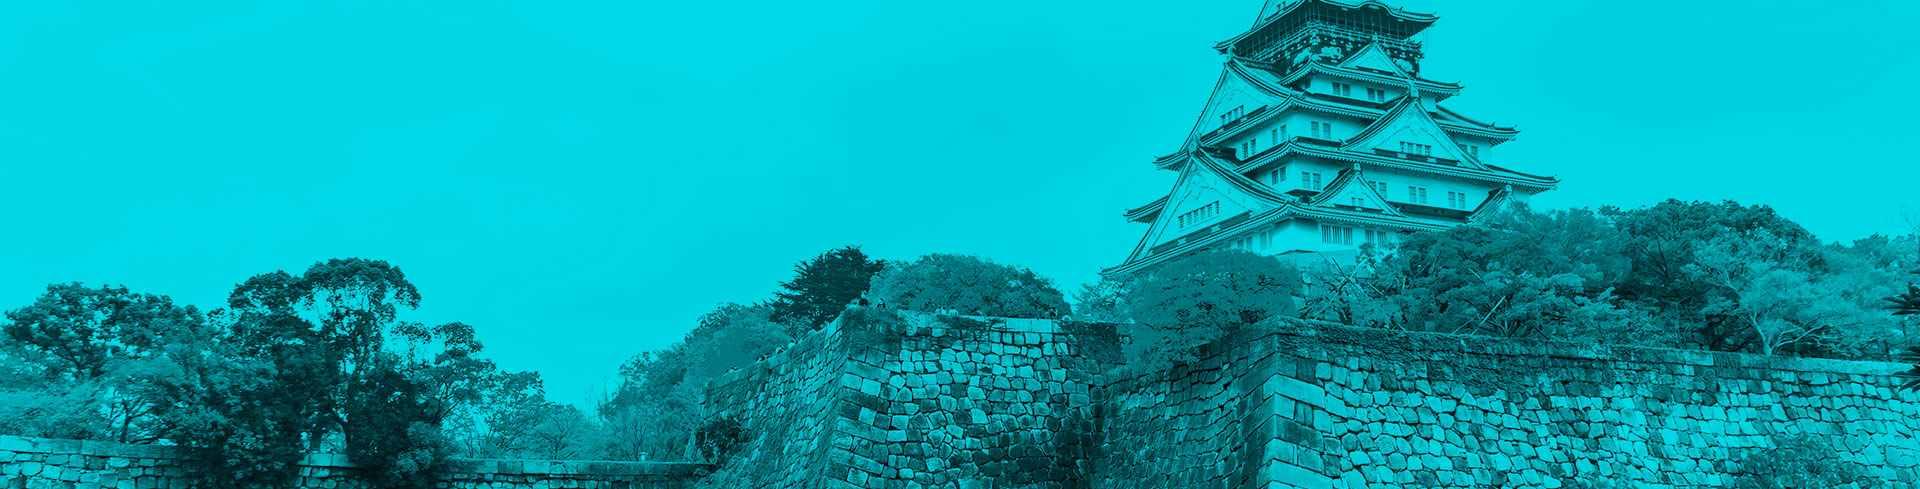 Curso Cultura japonesa: armonía, equilibrio y sostenibilidad